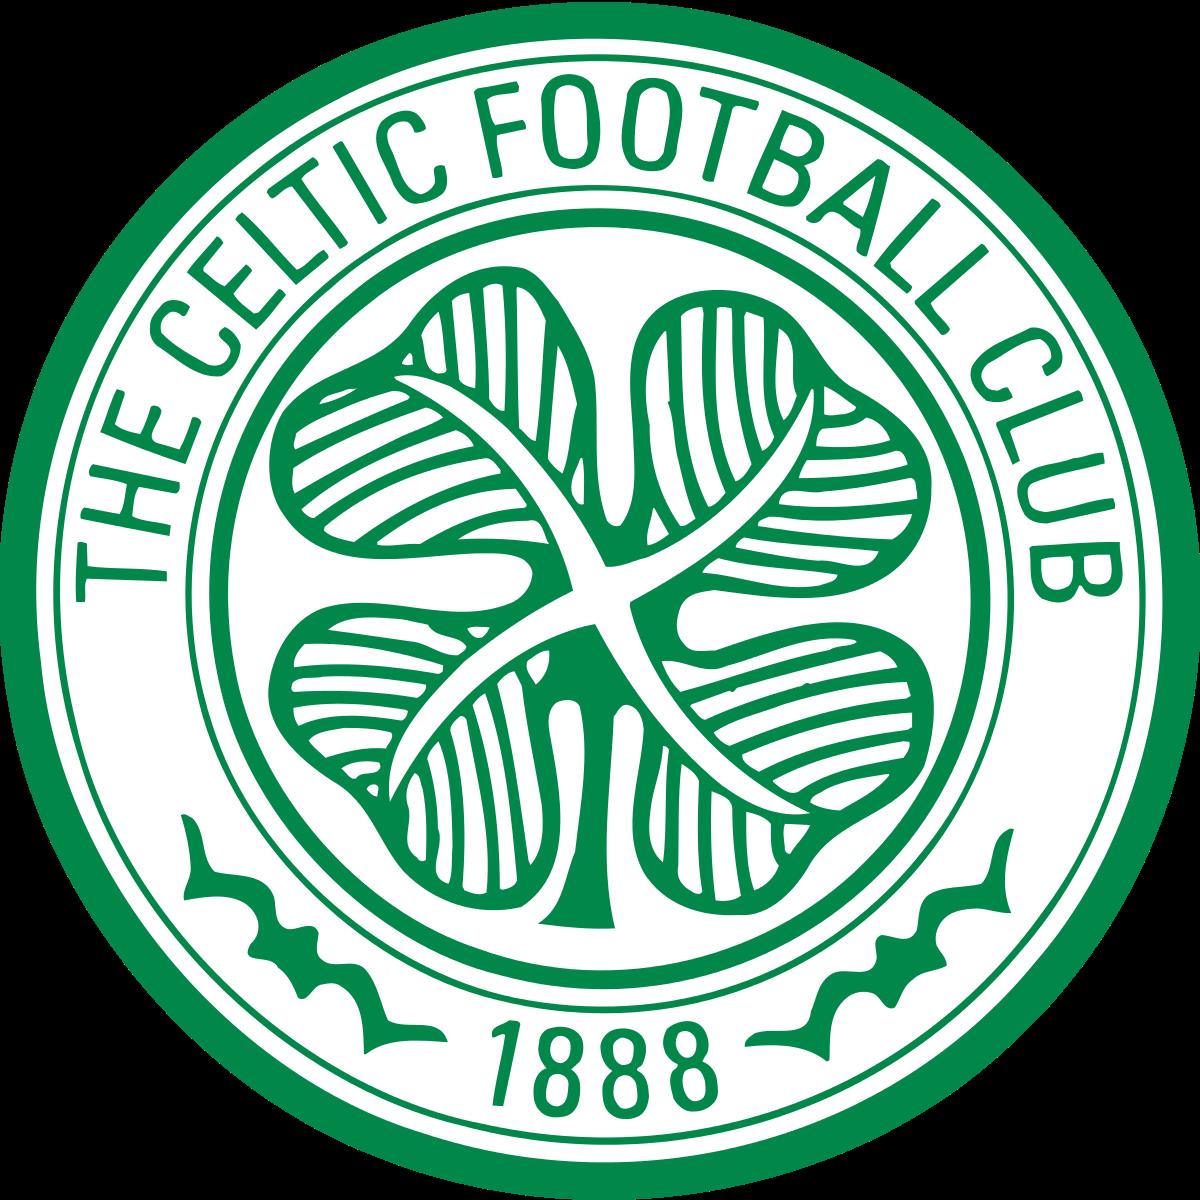 Celtic Fc PNG-PlusPNG.com-1200 - Celtic Fc PNG